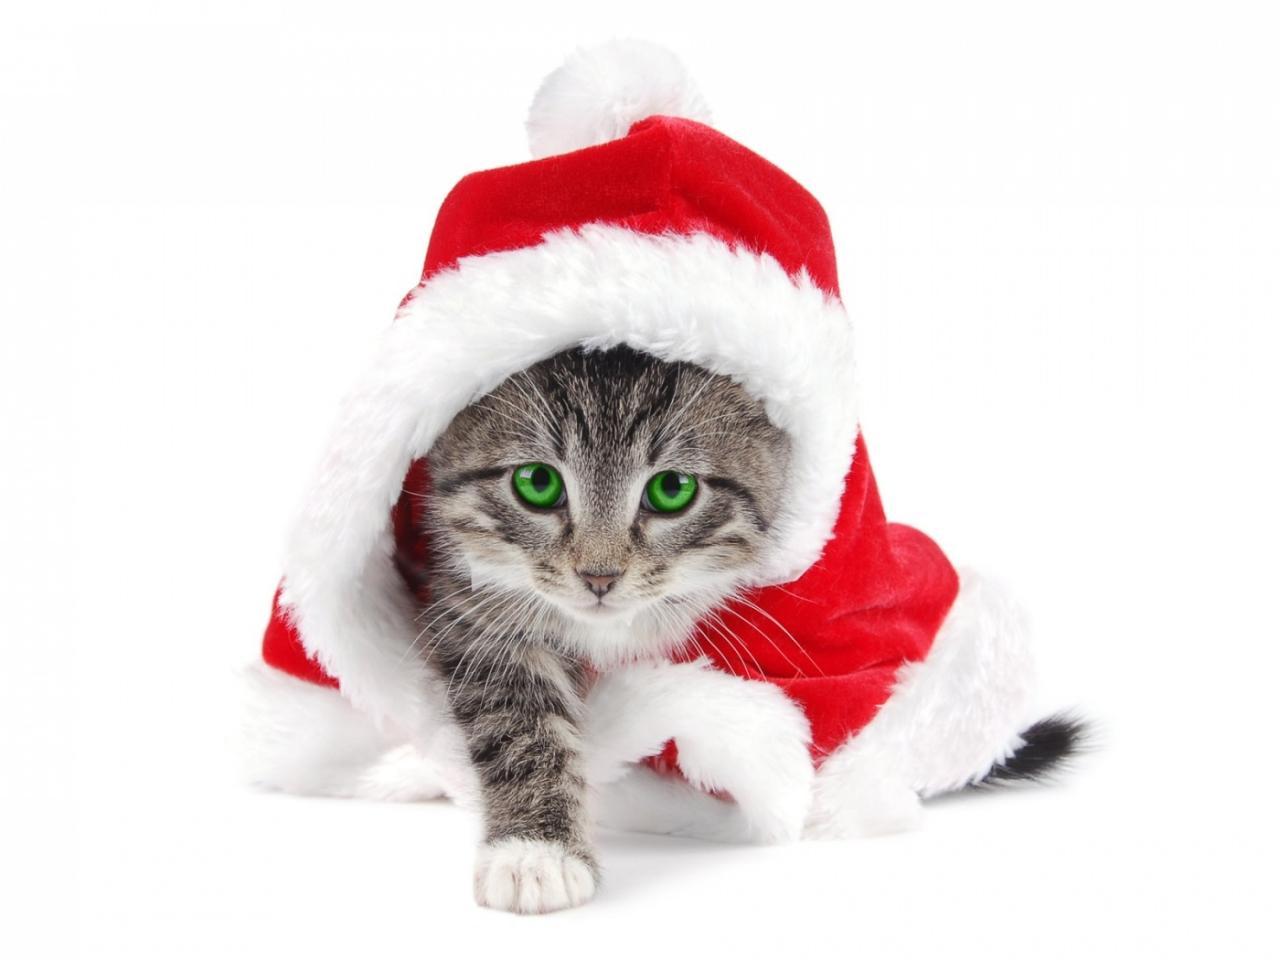 El gato Santa Claus - 1280x960